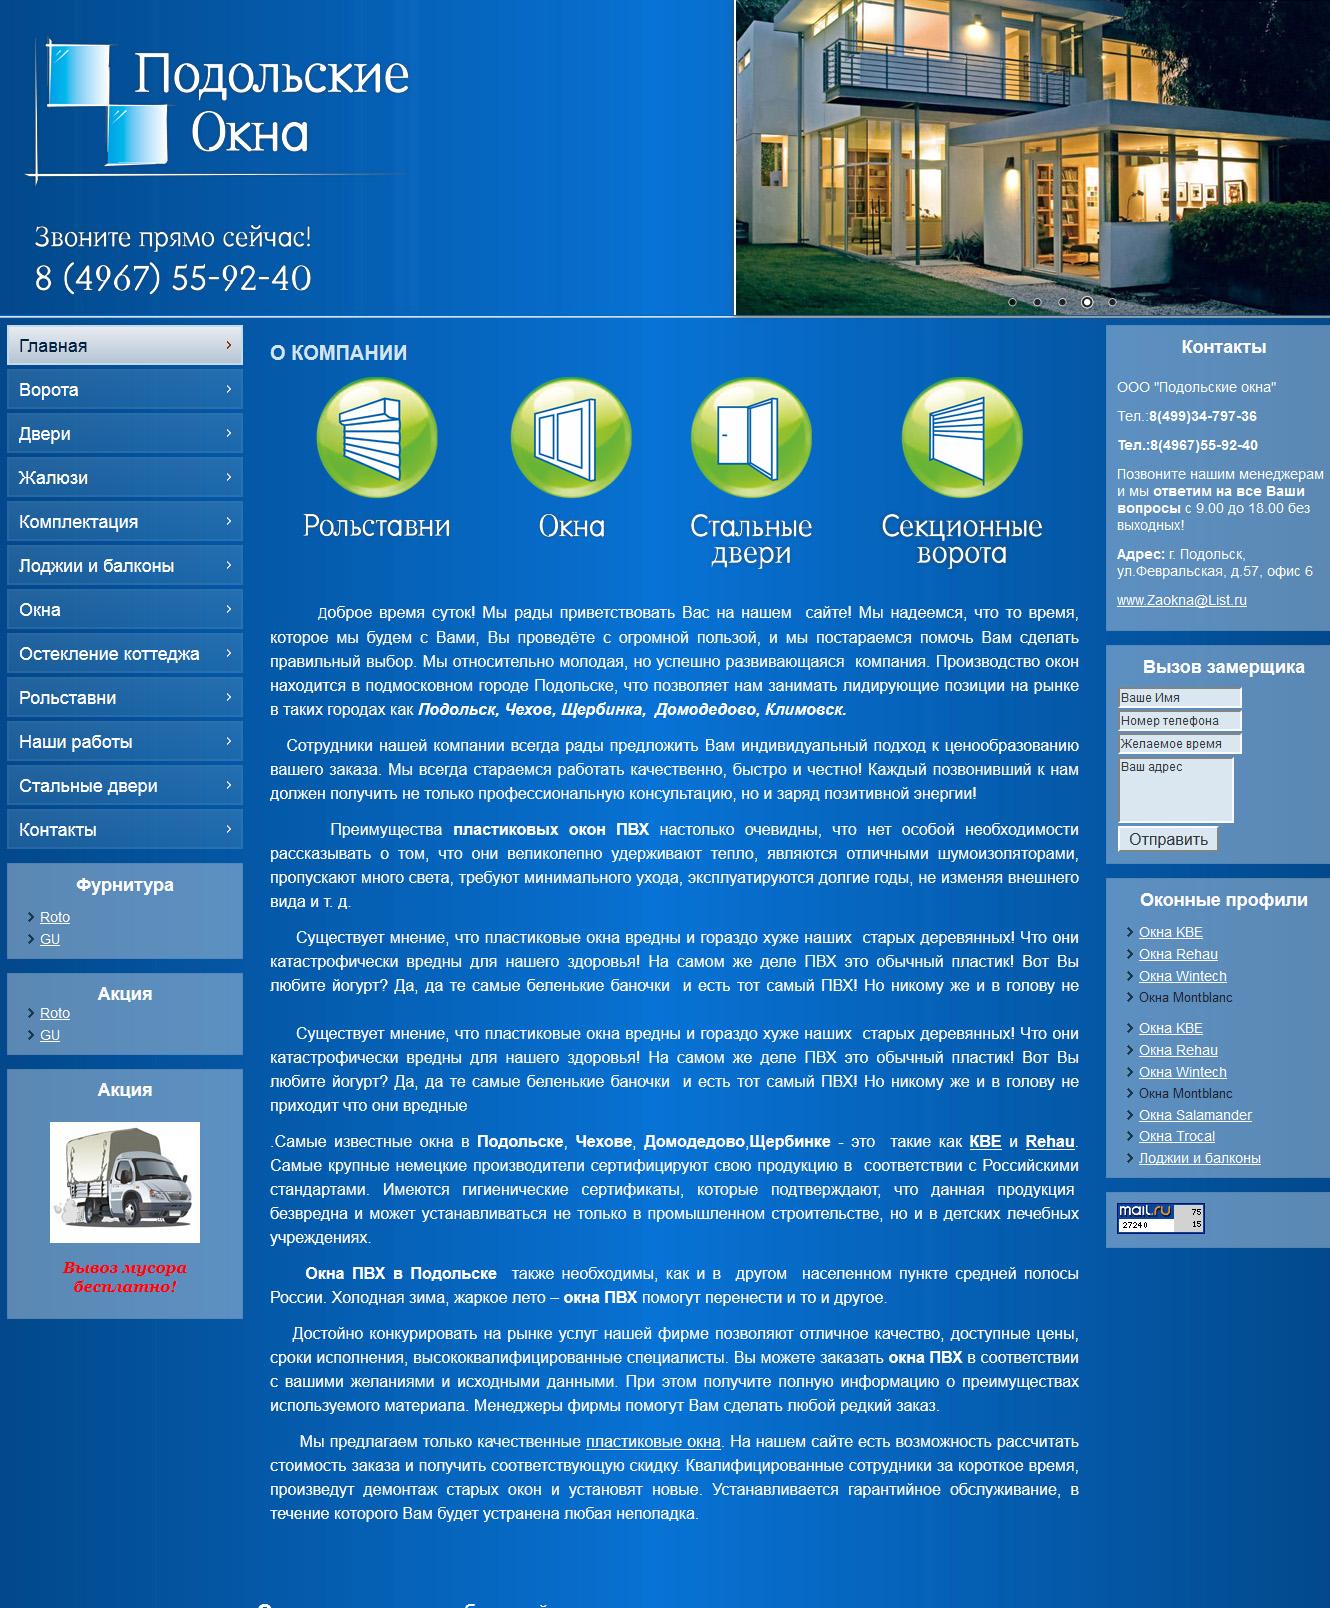 Созданию сайта в подольске стратегии продвижения в яндексе